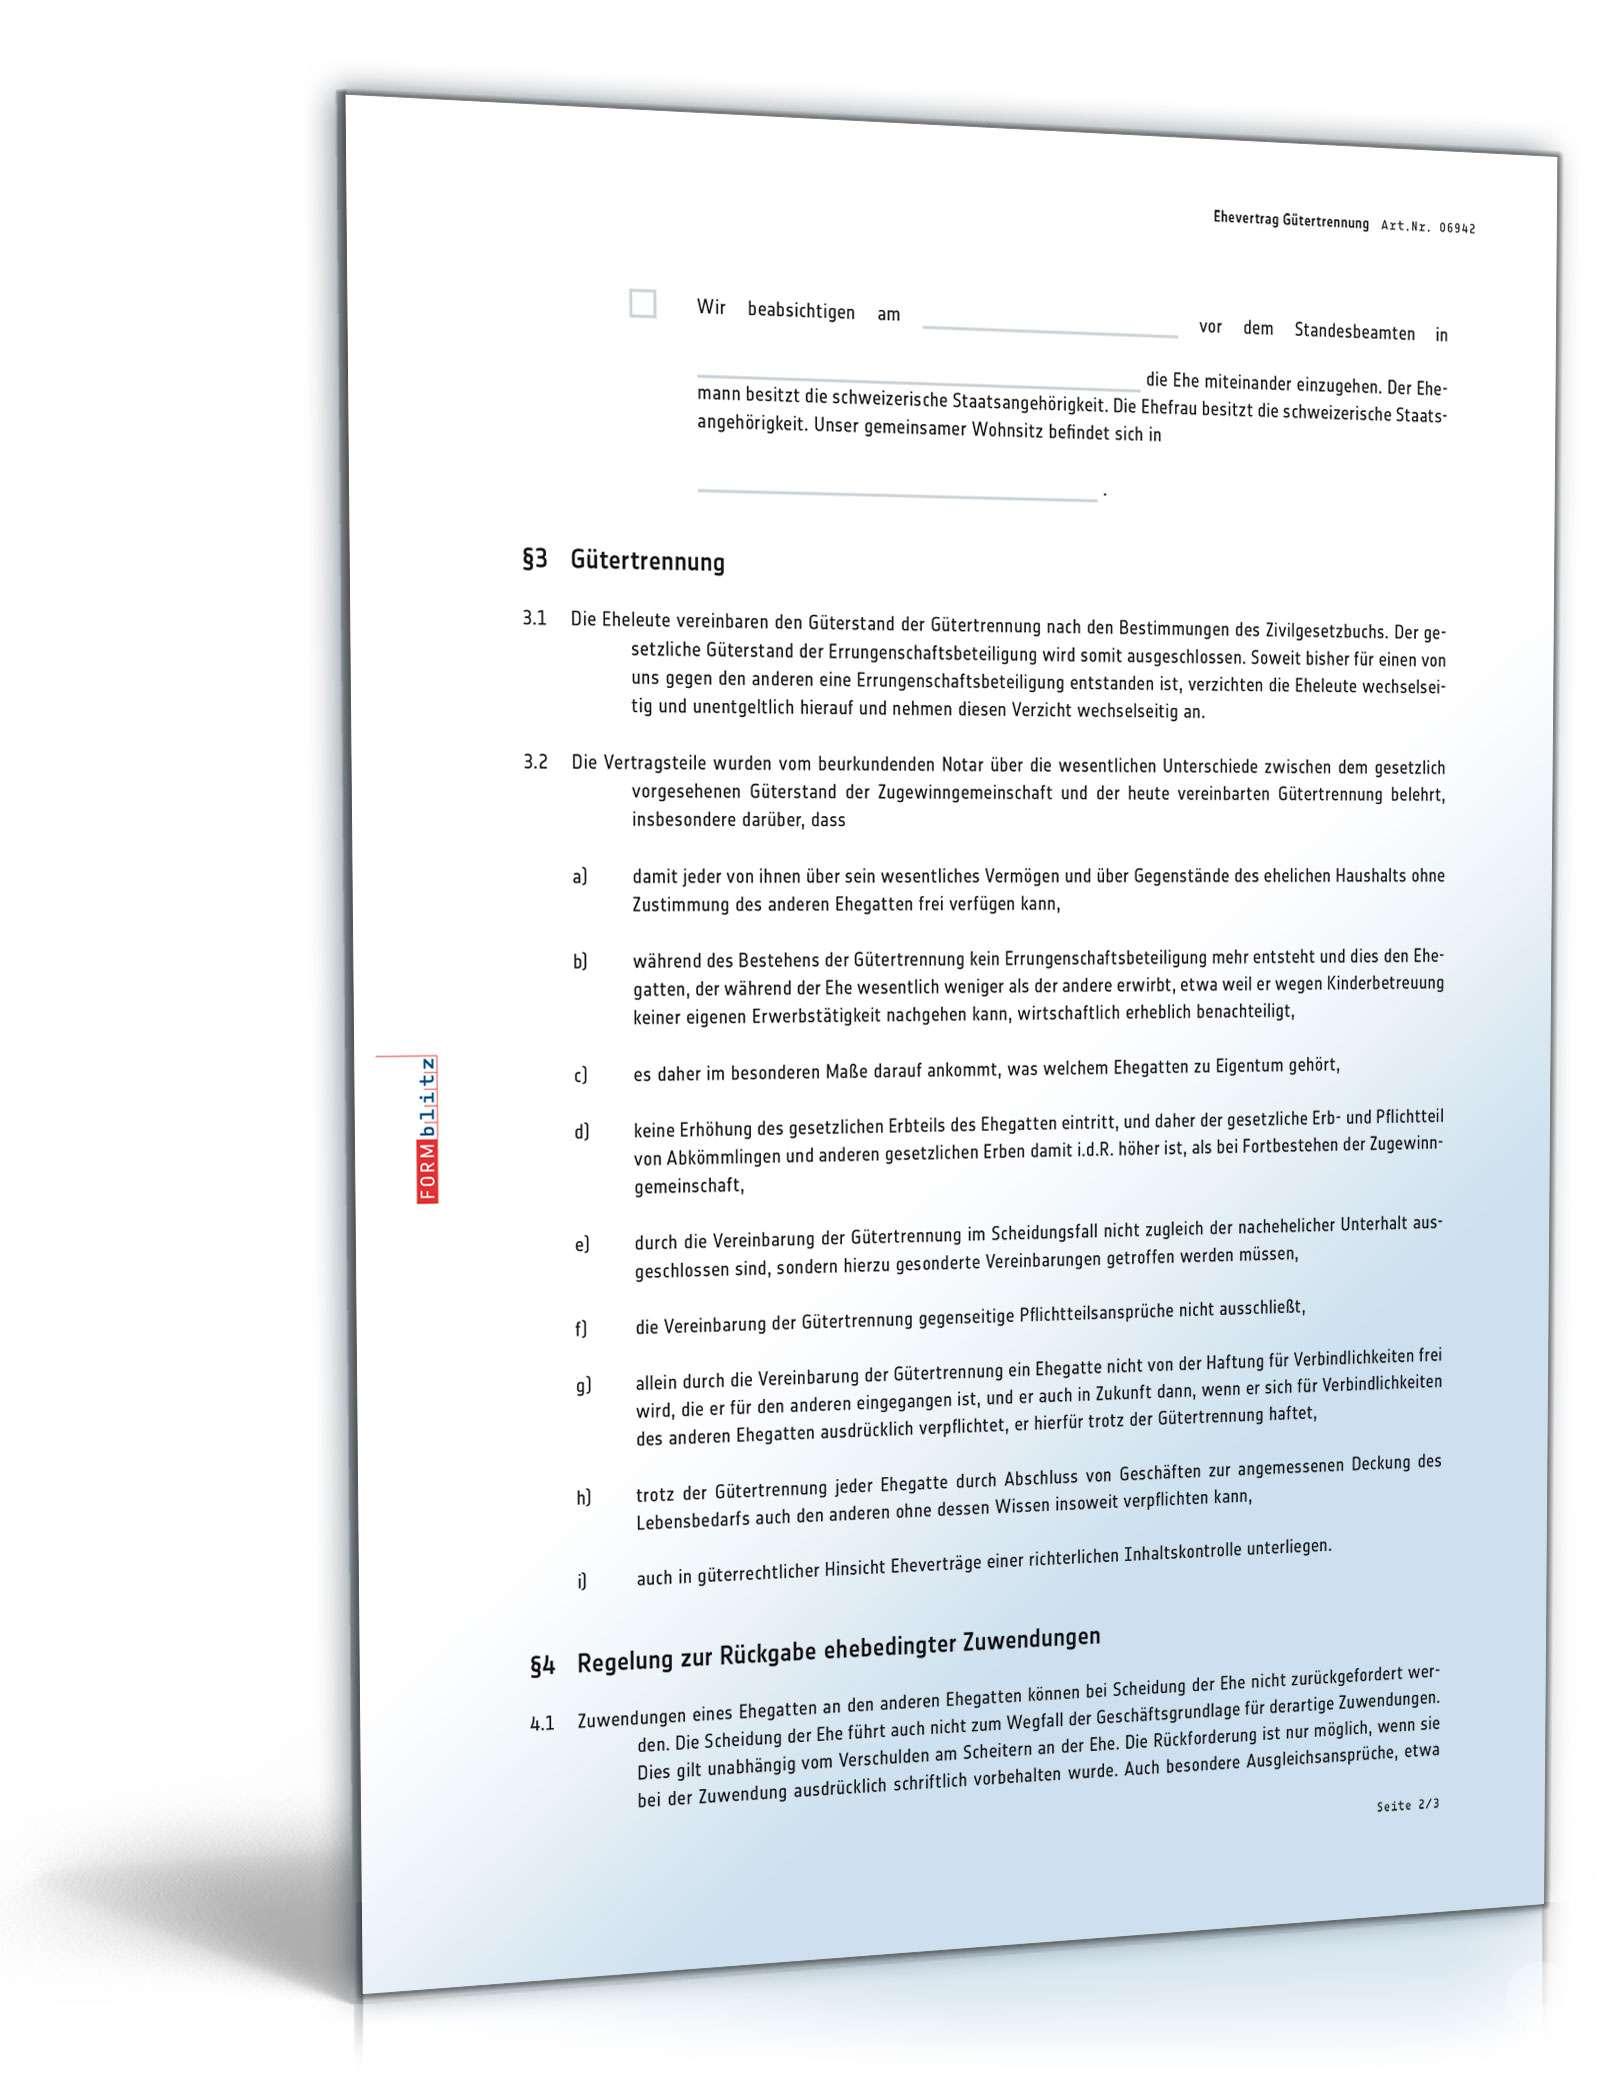 pdf seite 2 - Gutertrennung Muster